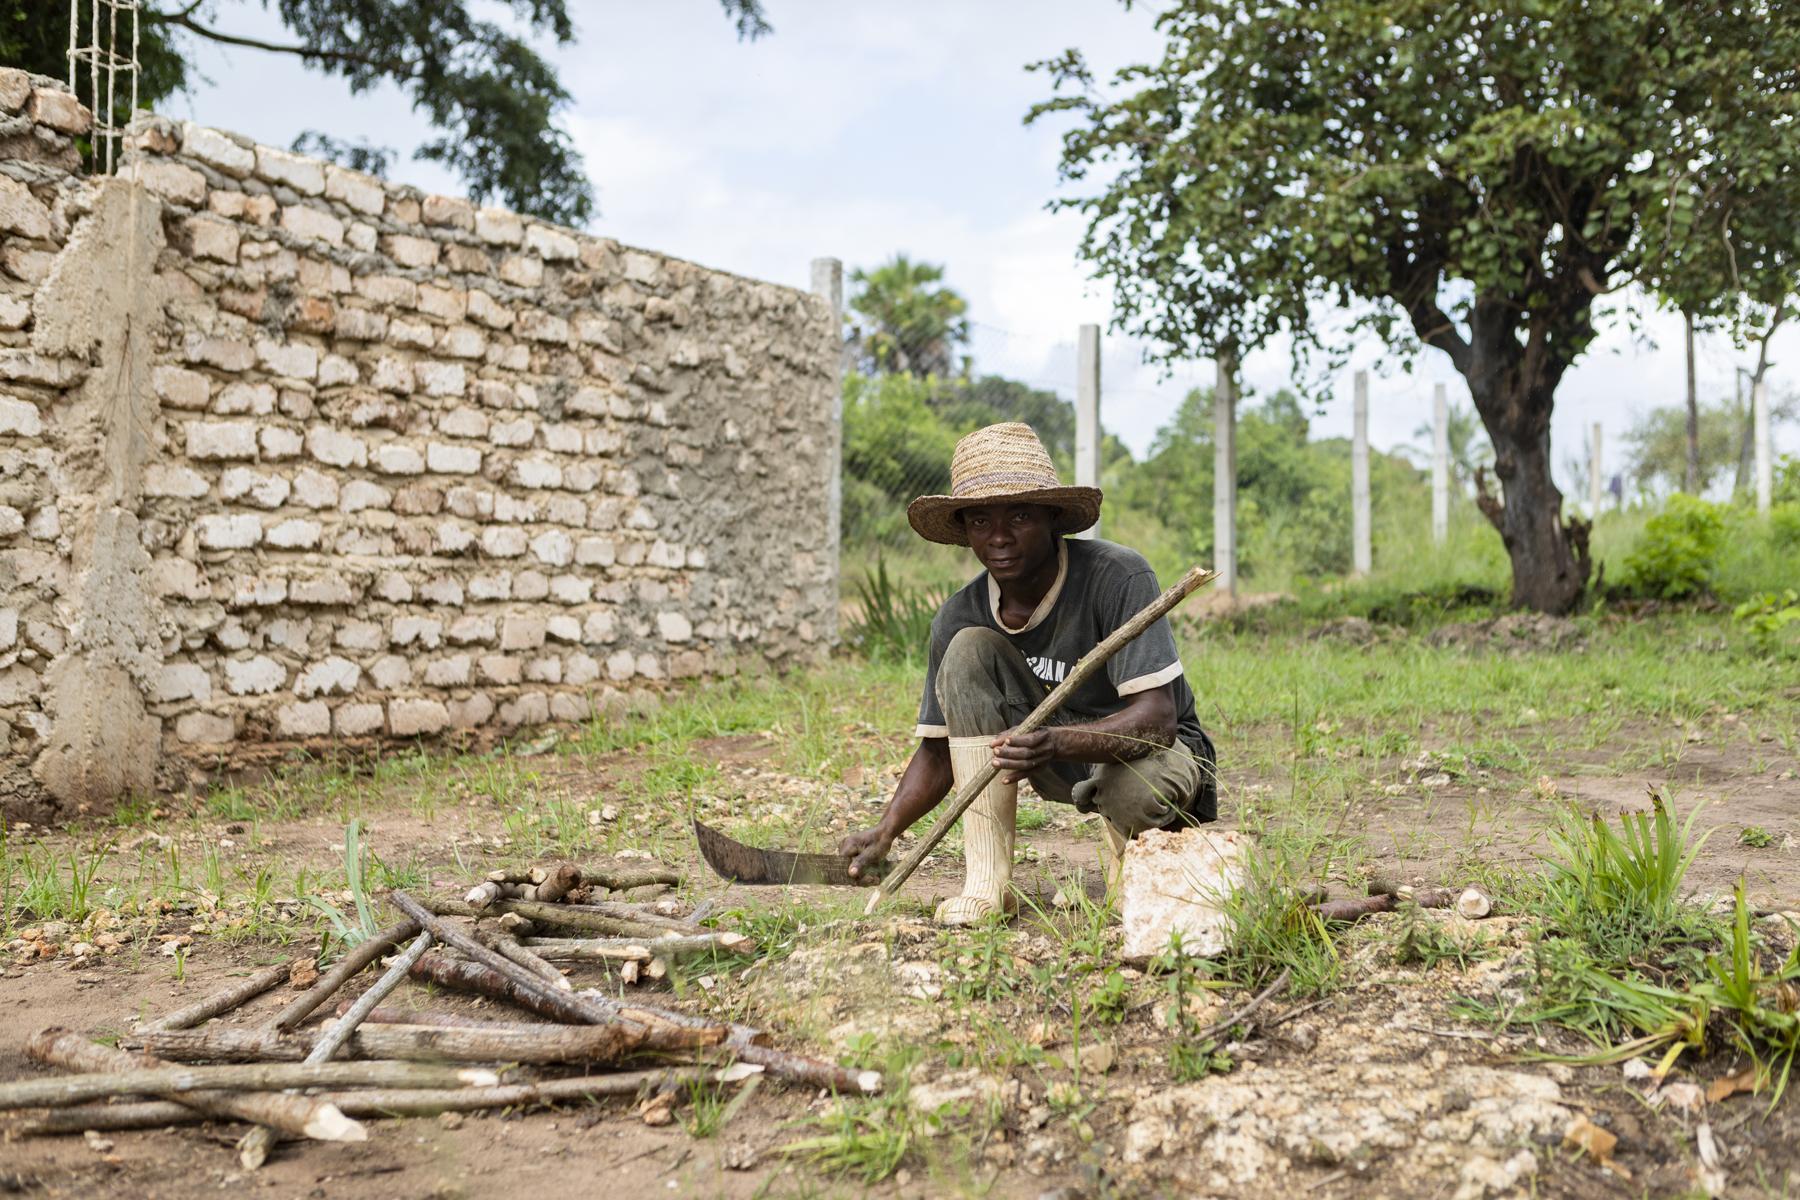 Ein Fundi spitzt die Pfähle für das Ausstecken des Baufeldes.